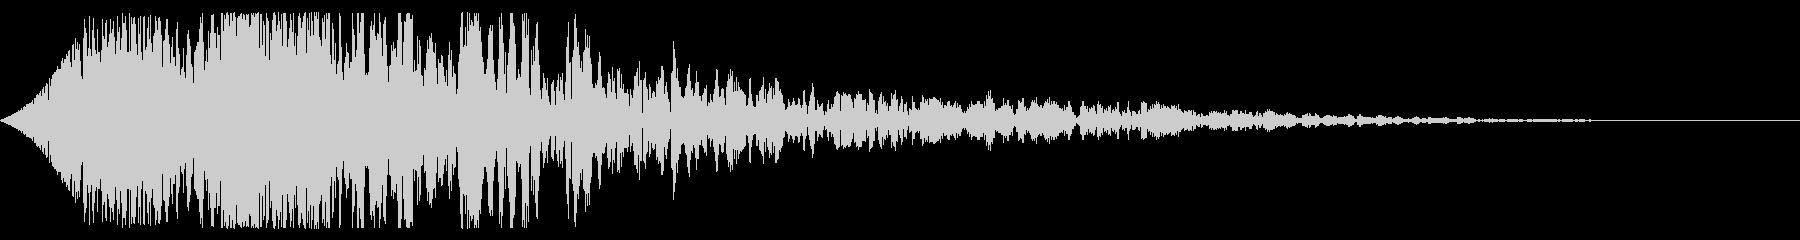 ホイップワールクランヒットの未再生の波形